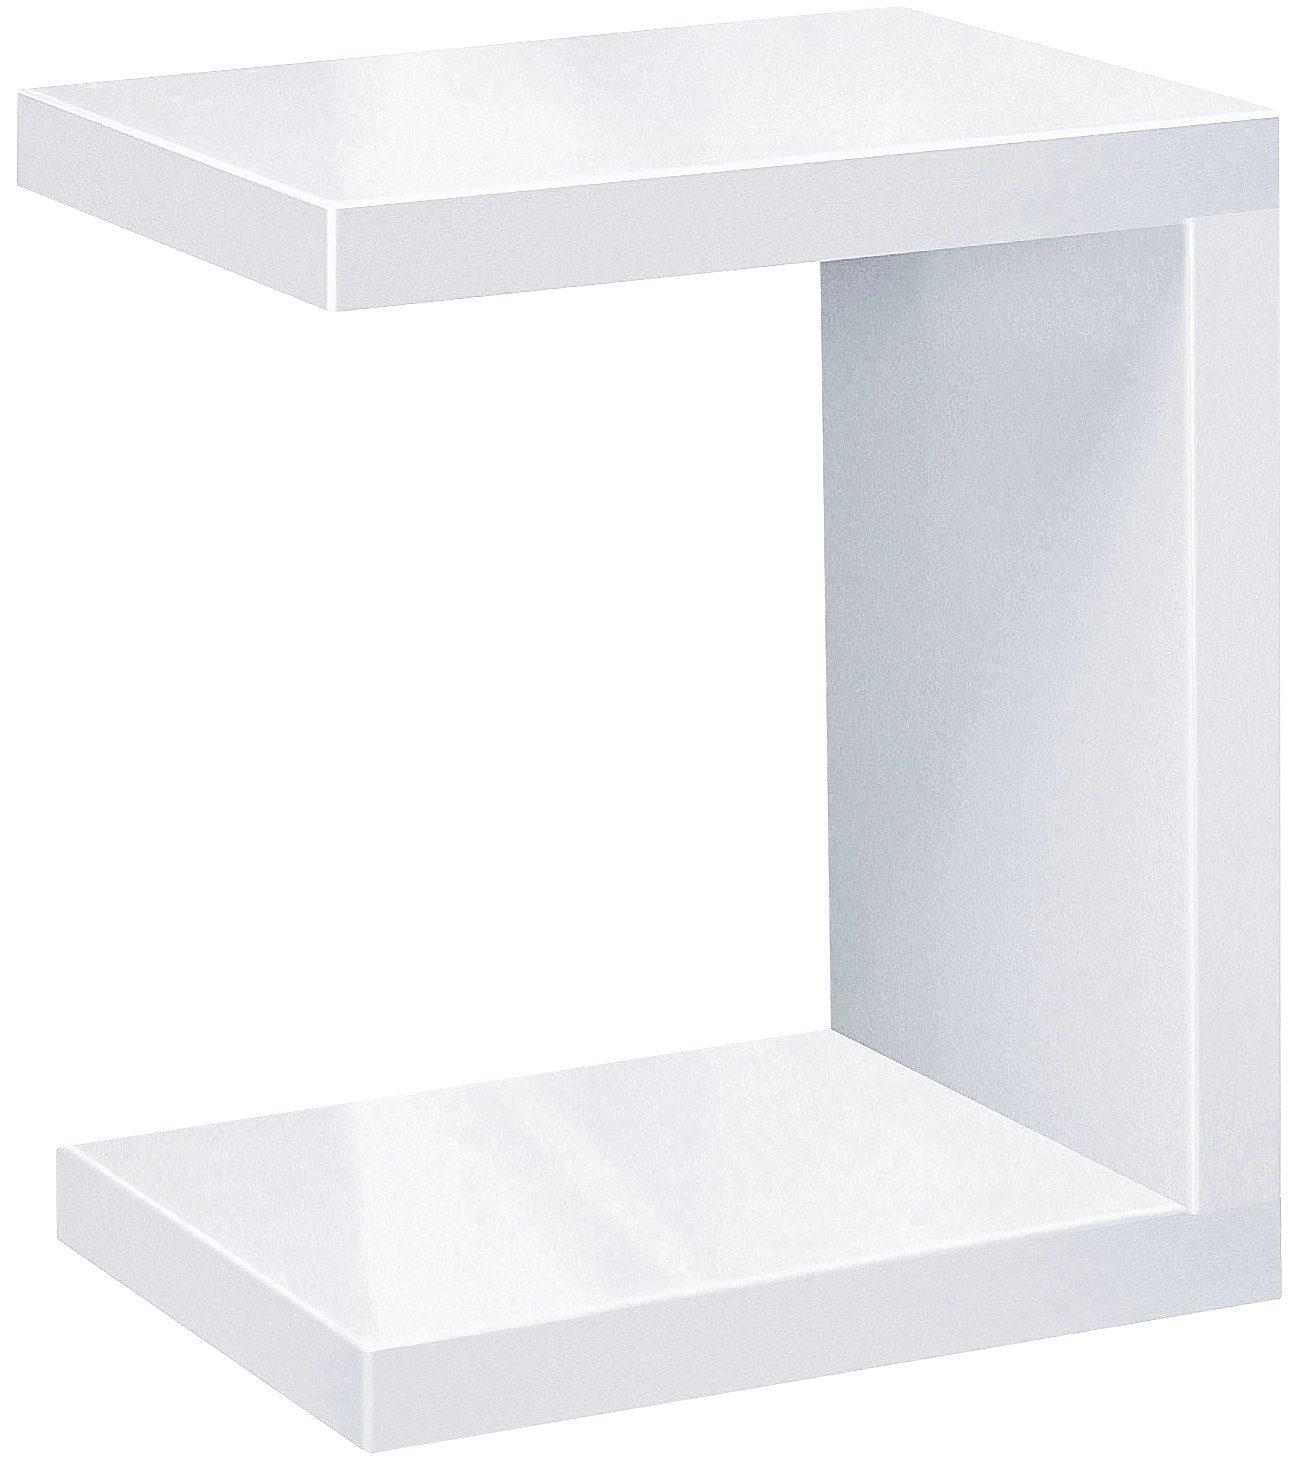 INOSIGN Beistelltisch, U-Form weiß Couchtische eckig Tische Beistelltisch